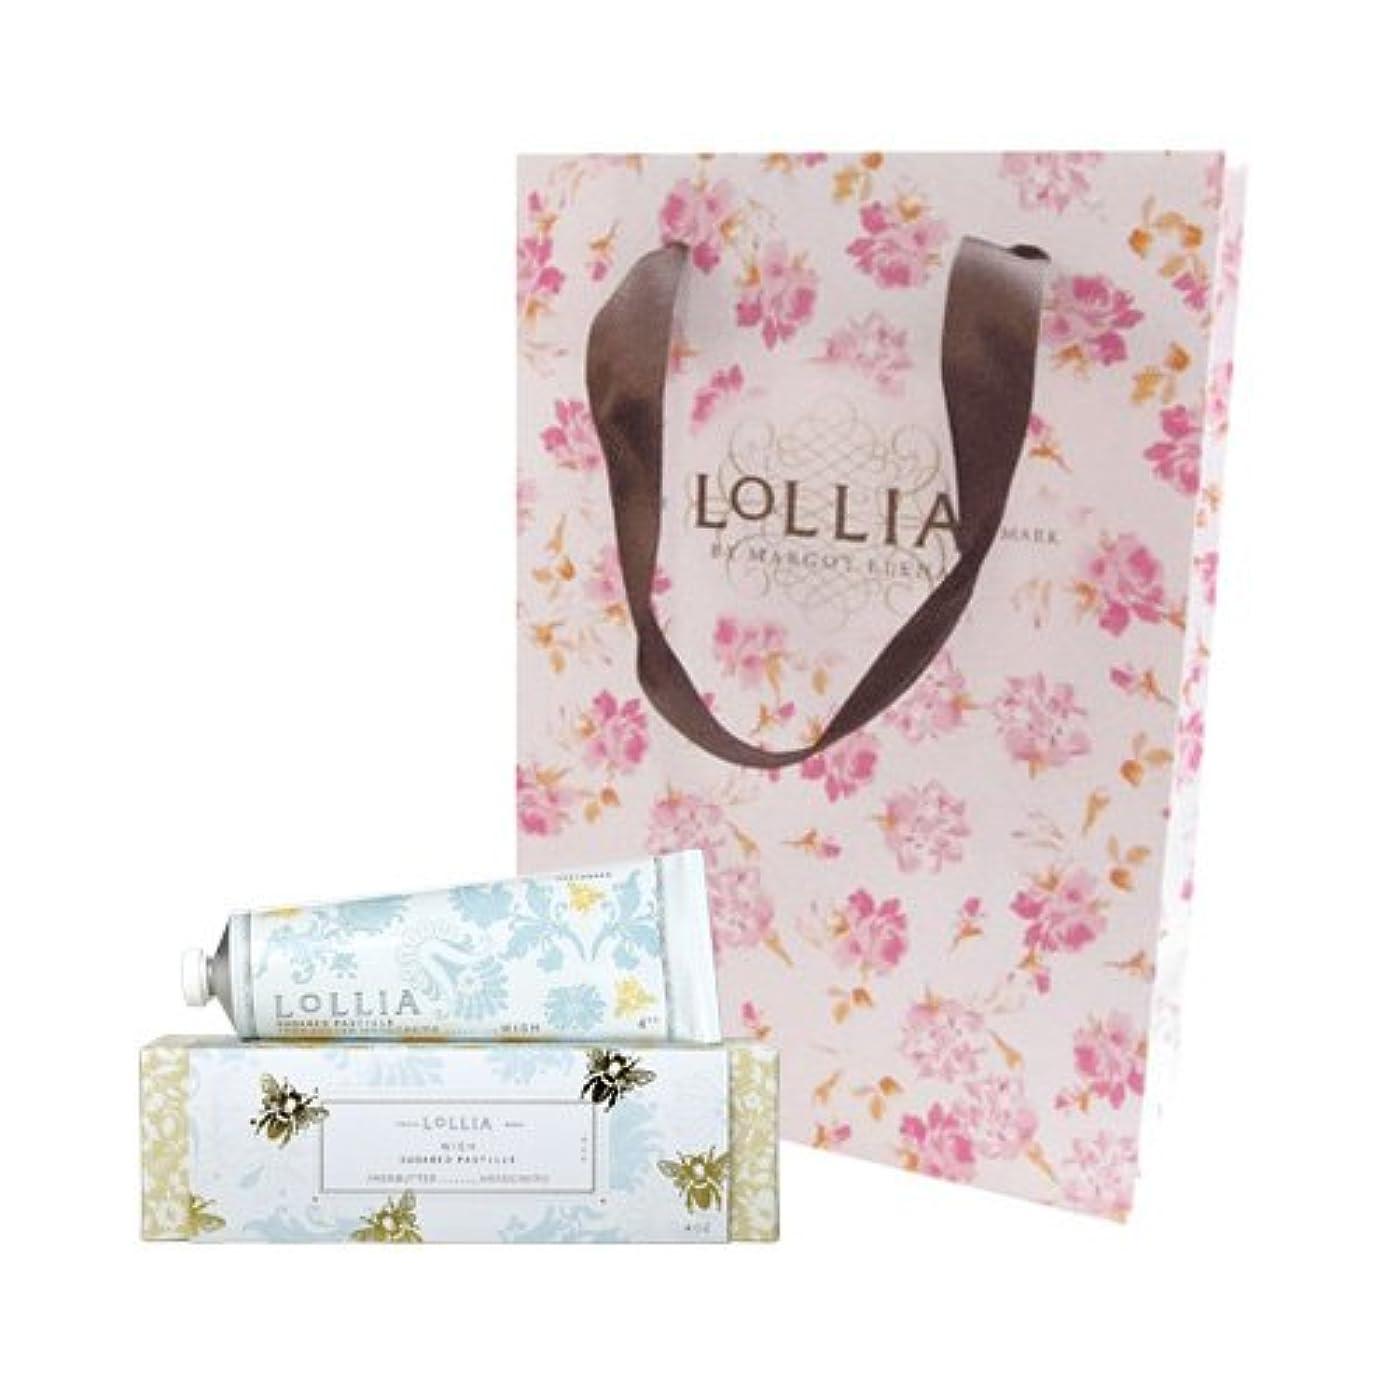 手首アスレチック白雪姫ロリア(LoLLIA) ハンドクリーム Wish 35g (白い花にしたたる蜜とバニラの甘く切ない願い) ショッパー付